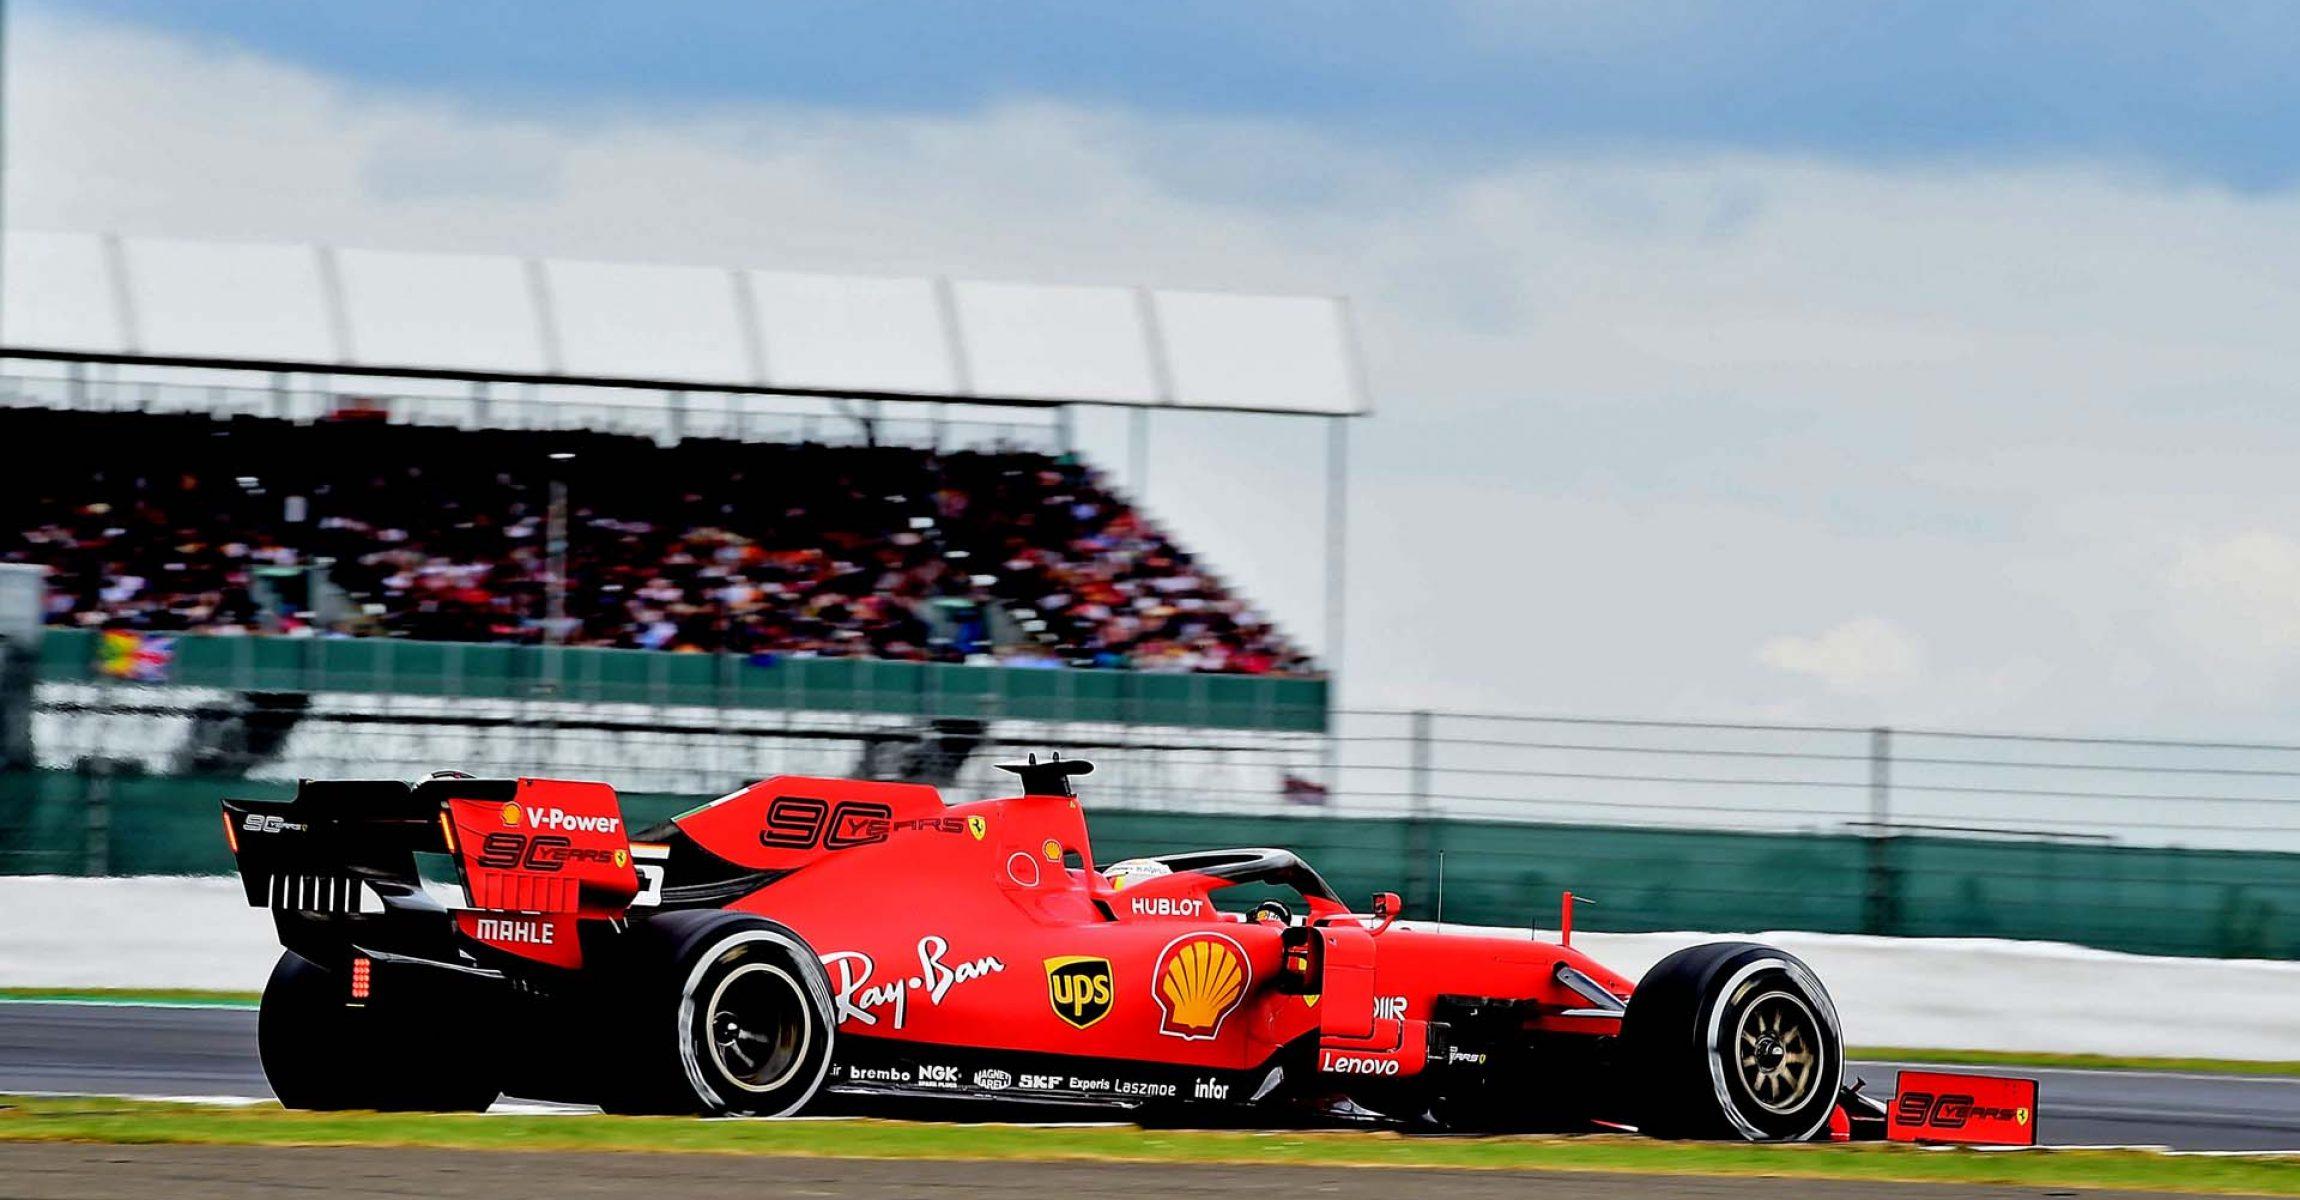 GP GRAN BRETAGNA F1/2019 - DOMENICA 14/07/2019 credit: @Scuderia Ferrari Press Office Sebastian Vettel